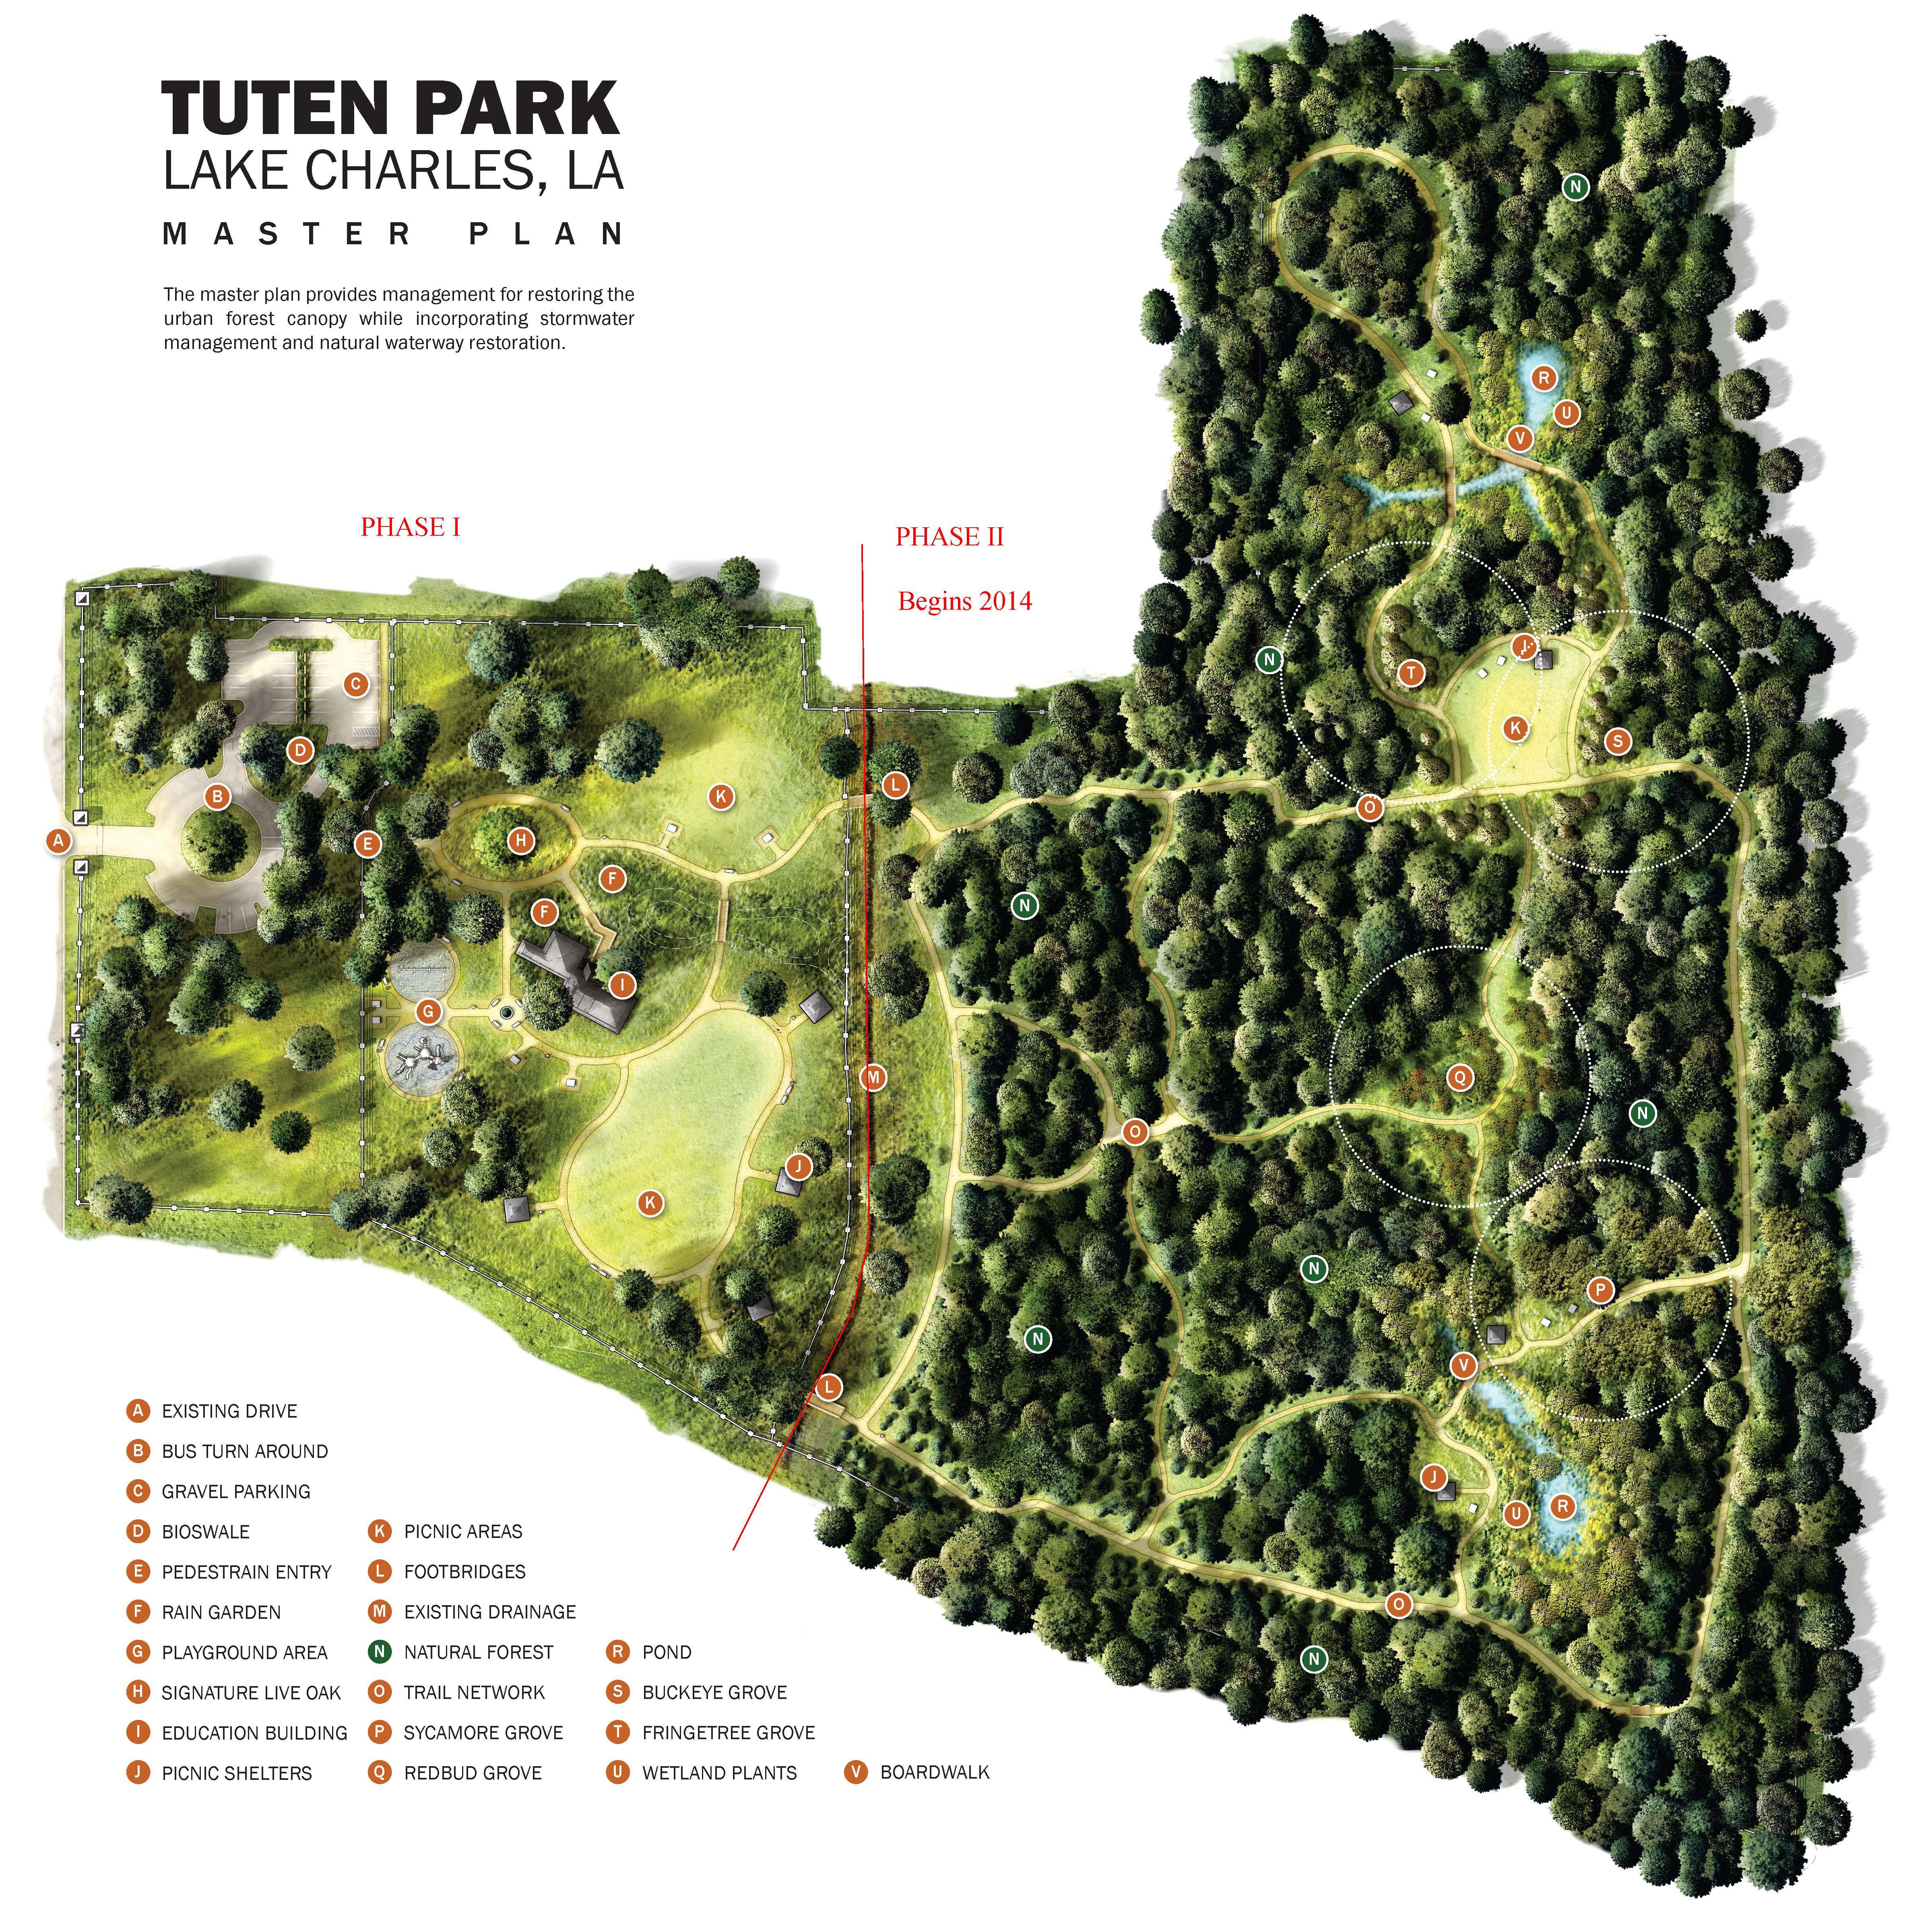 Tuten Park Master Plan